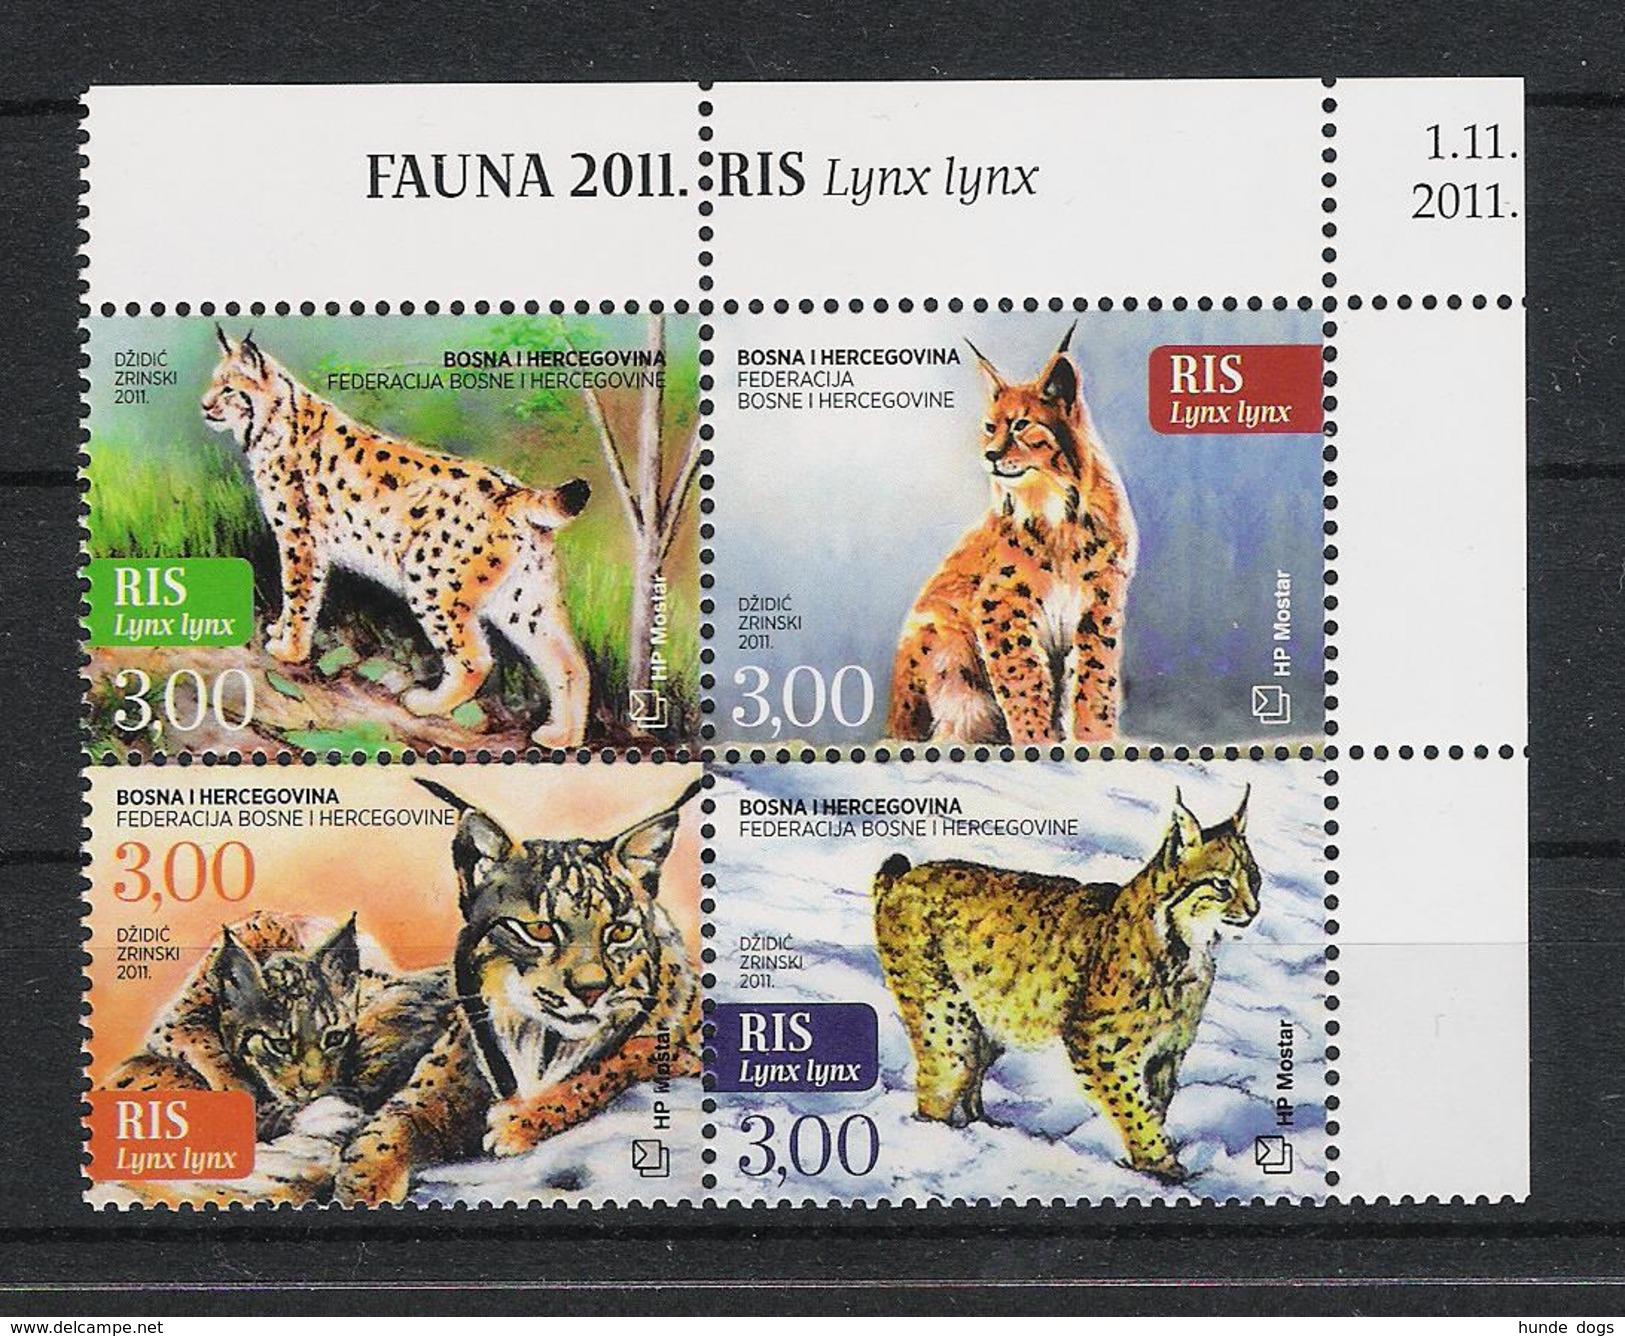 Bosnien-Herzegowina Mostar Bosnia 2011 Mi#  327 - 330  ** MNH Luchs Lynx Wildcats Fauna - Bosnien-Herzegowina